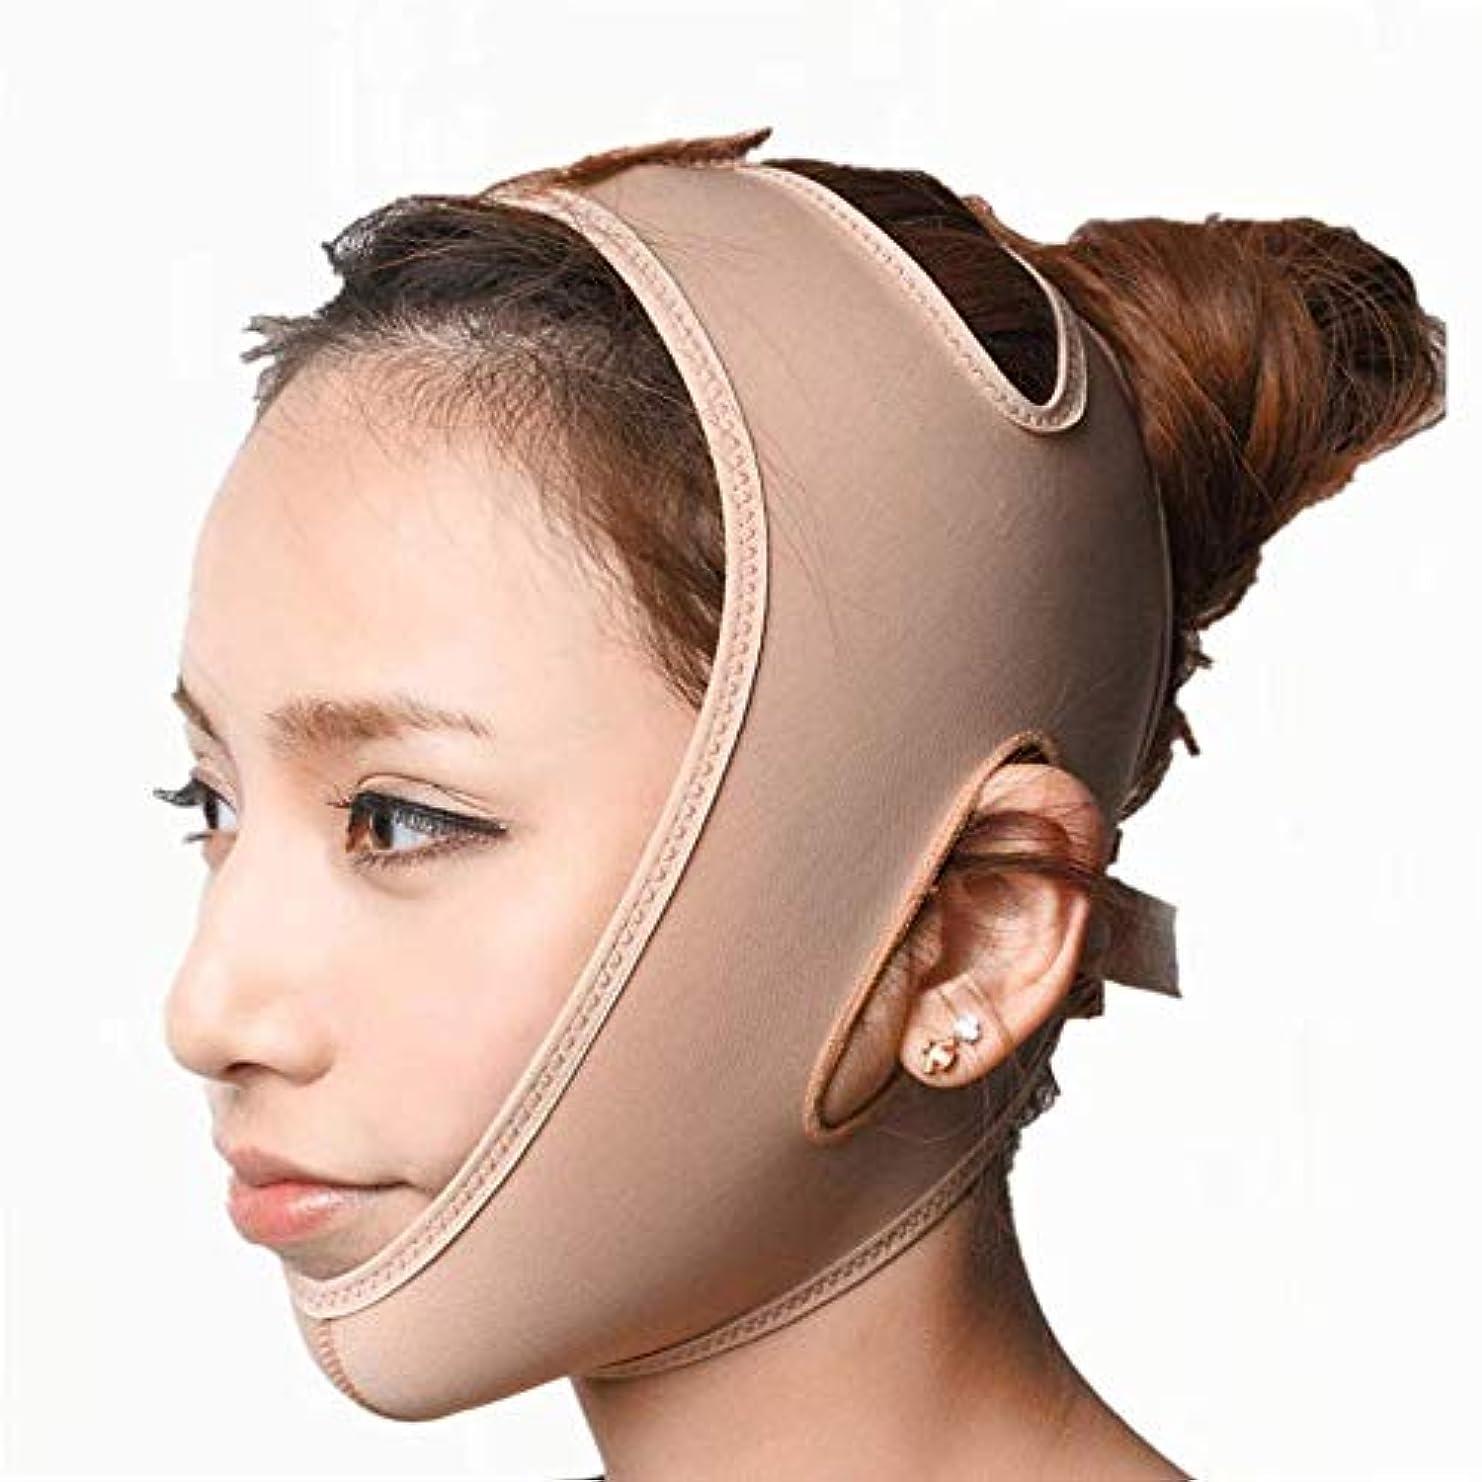 議論する部分何でもWSJTT 女性のための手術後のチンストラップ包帯 - 首とあごの圧縮衣服ラップ - フェイススリム、Jowl引き締め、チンリフティング医療アンチエイジングマスク